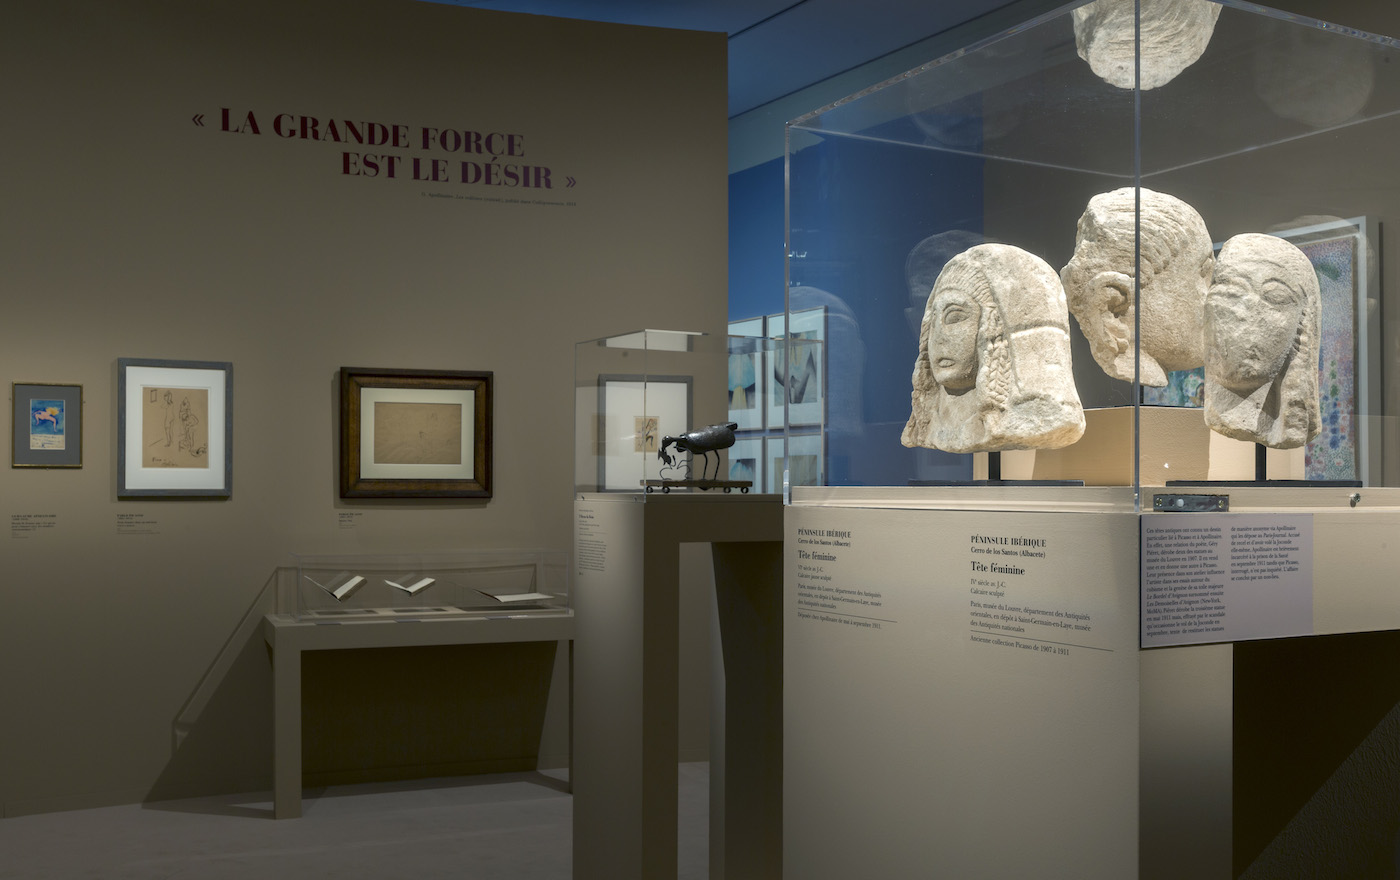 Installation view of 'Apollinaire, le regard du poète' at the Musée de l'Orangerie (© Musée de l'Orangerie, photo by Sophie Boegly)